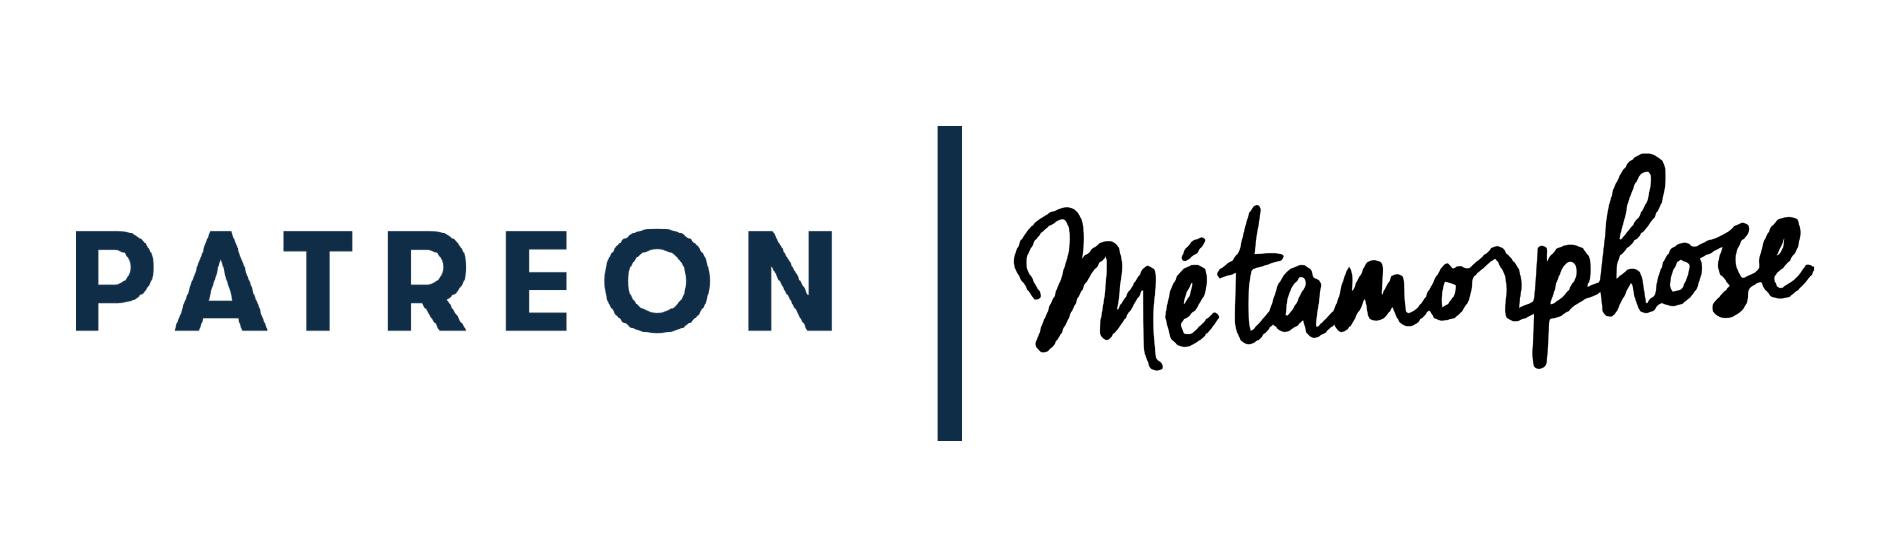 Le podcast Métamorphose se lance sur Patreon